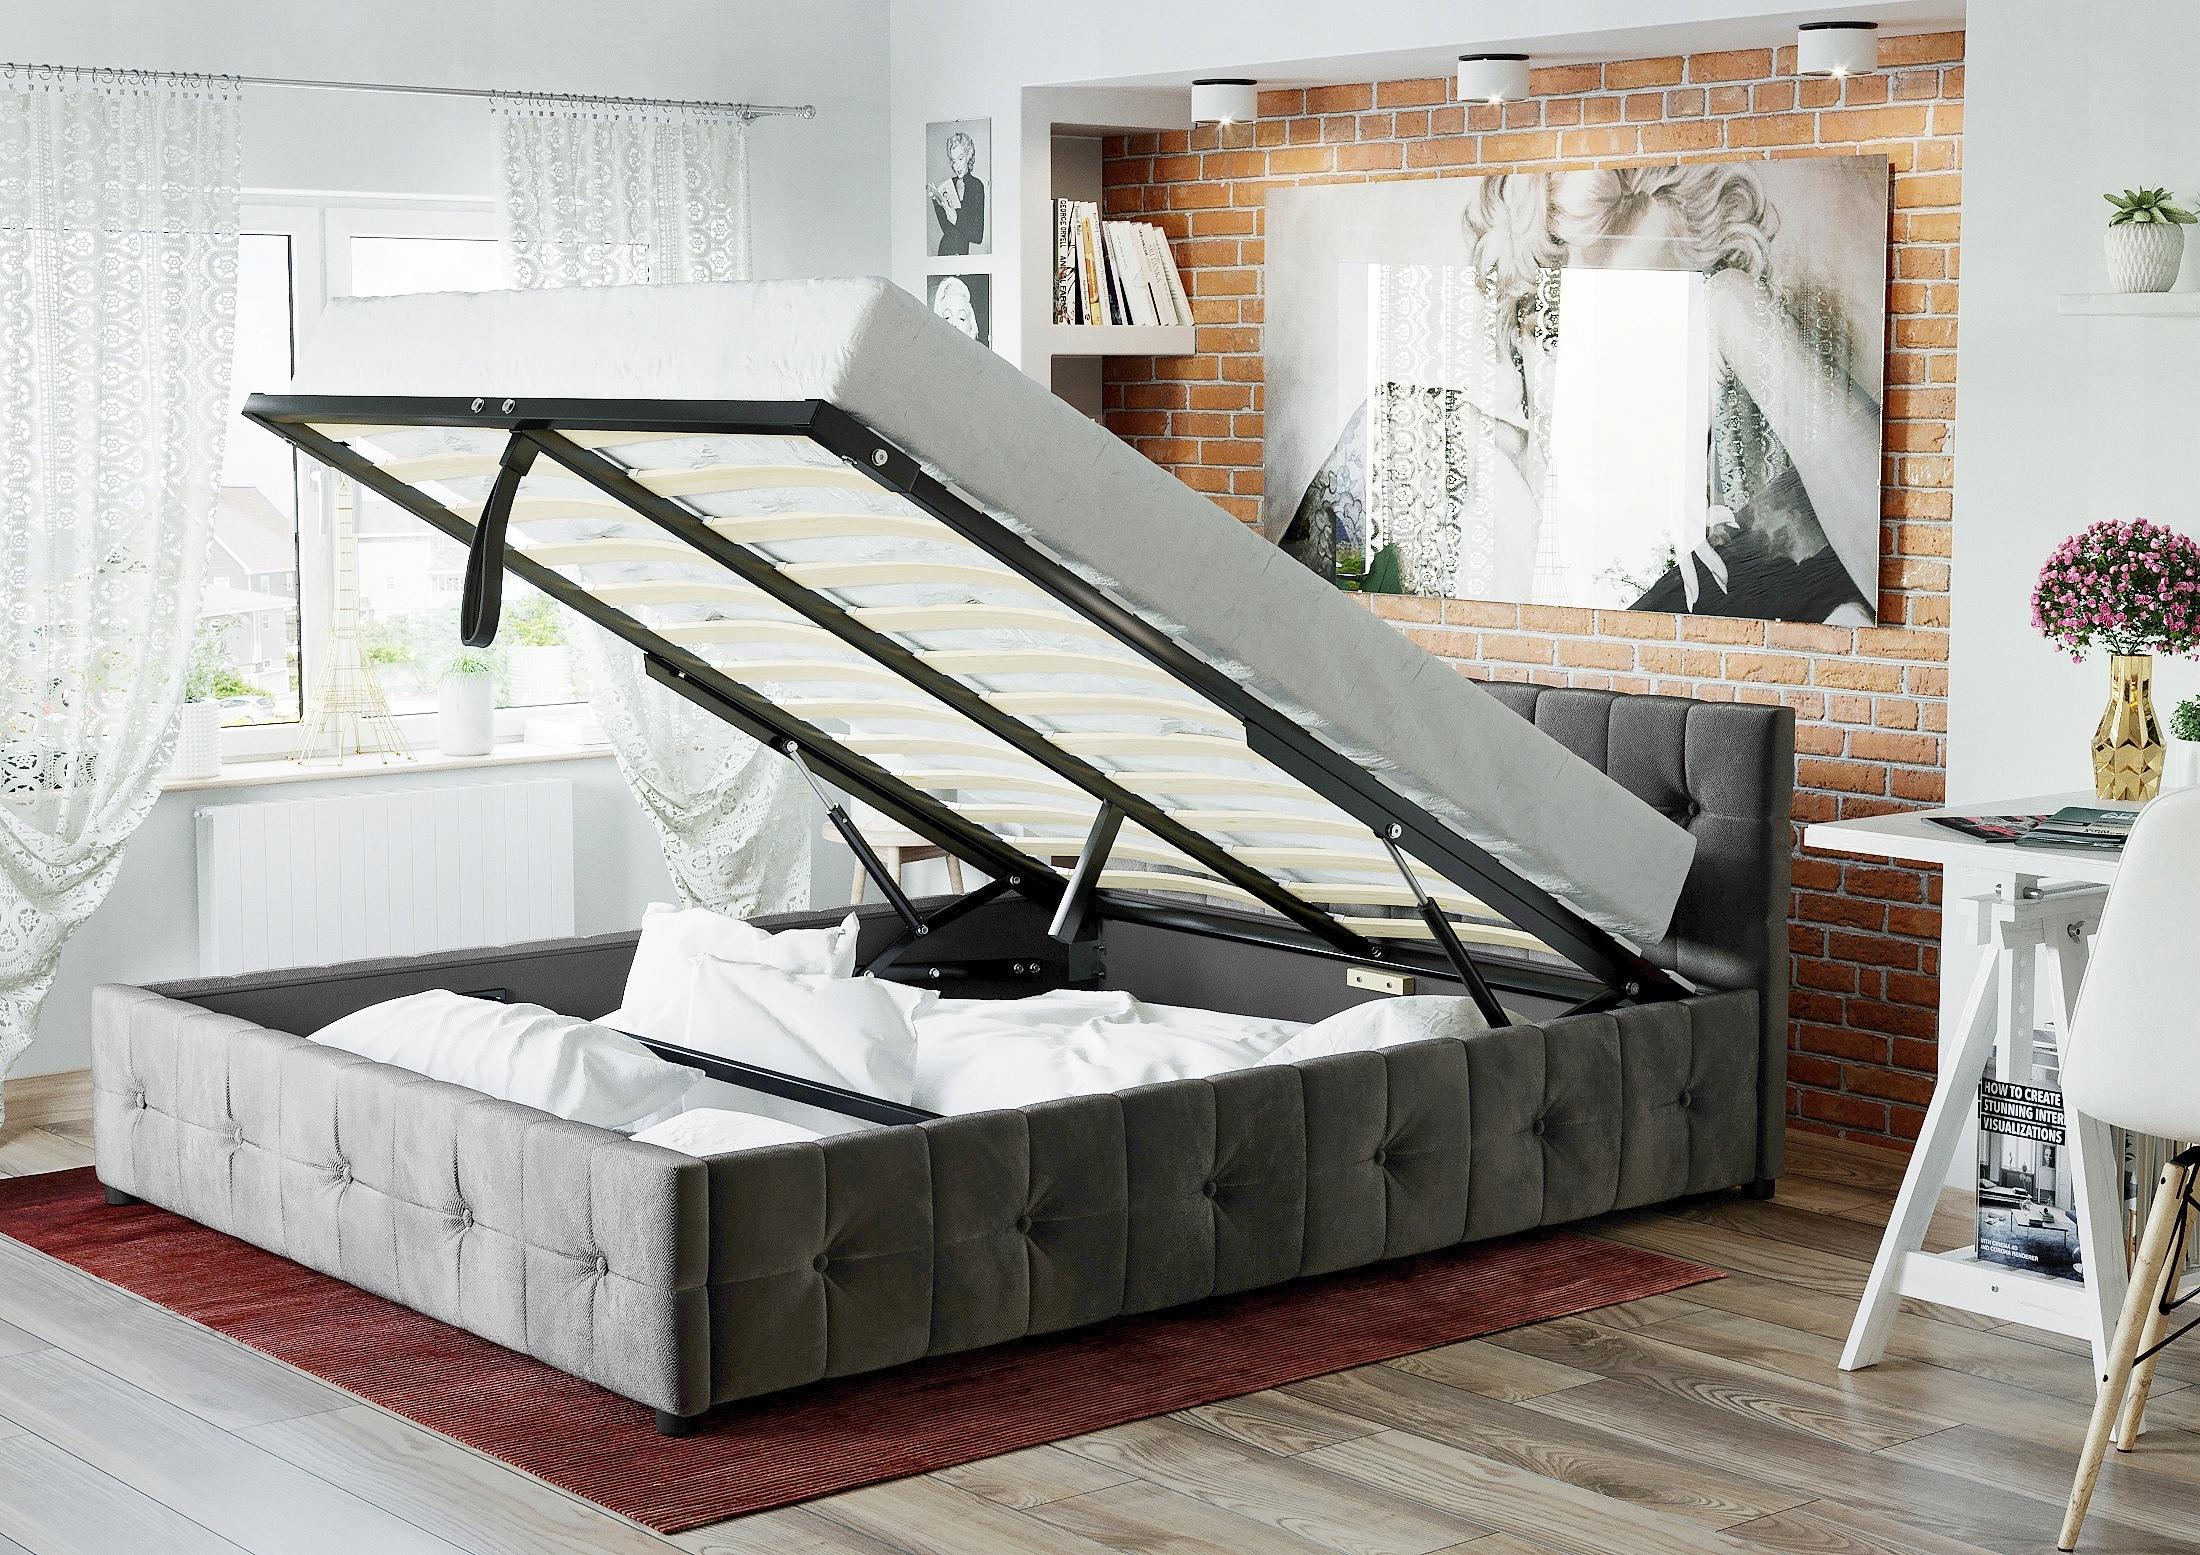 łóżko Tapicerowane 140x200 Klaudia Z Materacem 7453361100